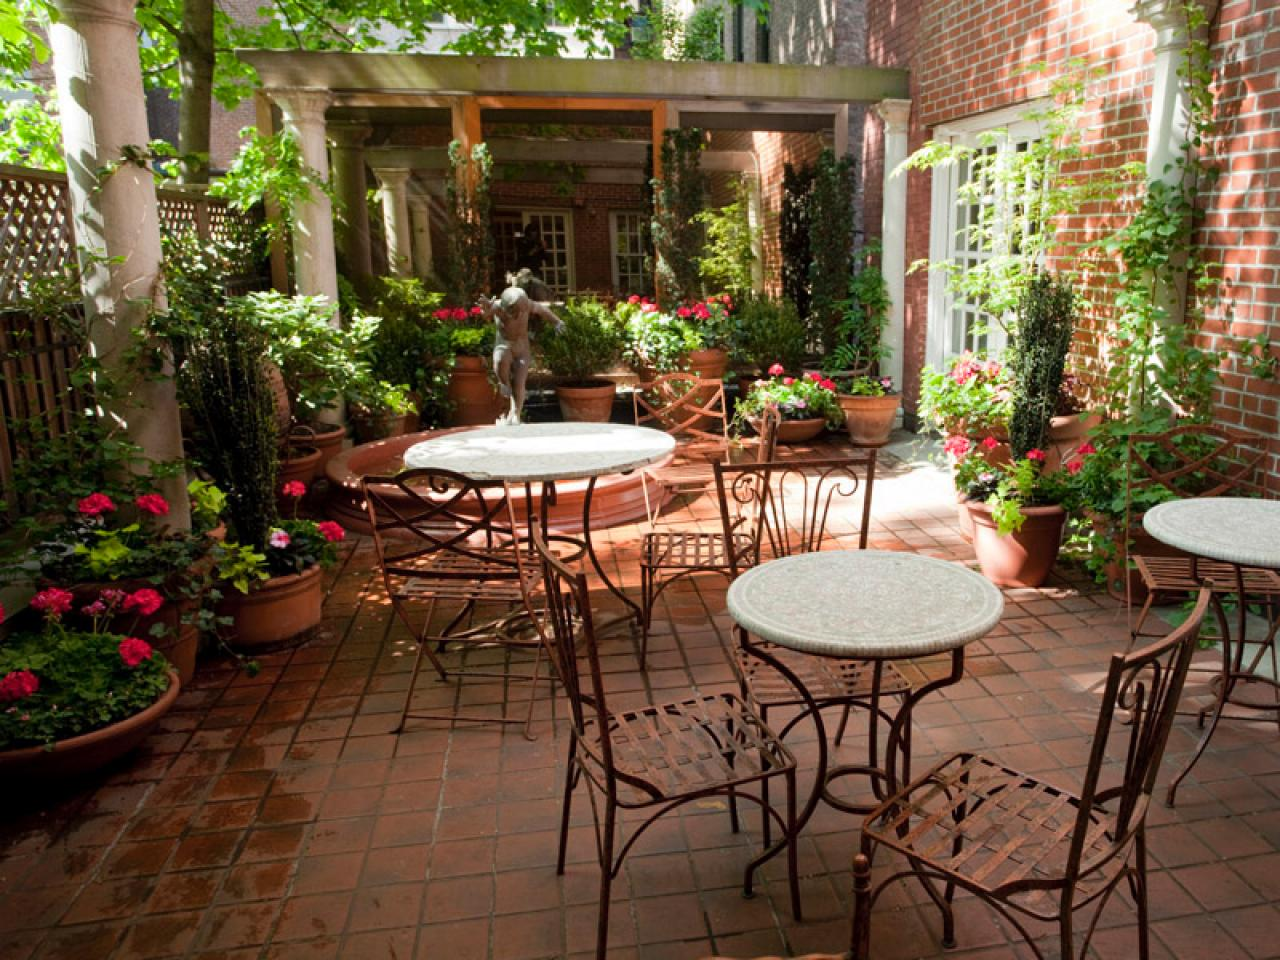 Mediterranean garden patio amber freda hgtv - Patio de luces decoracion ...